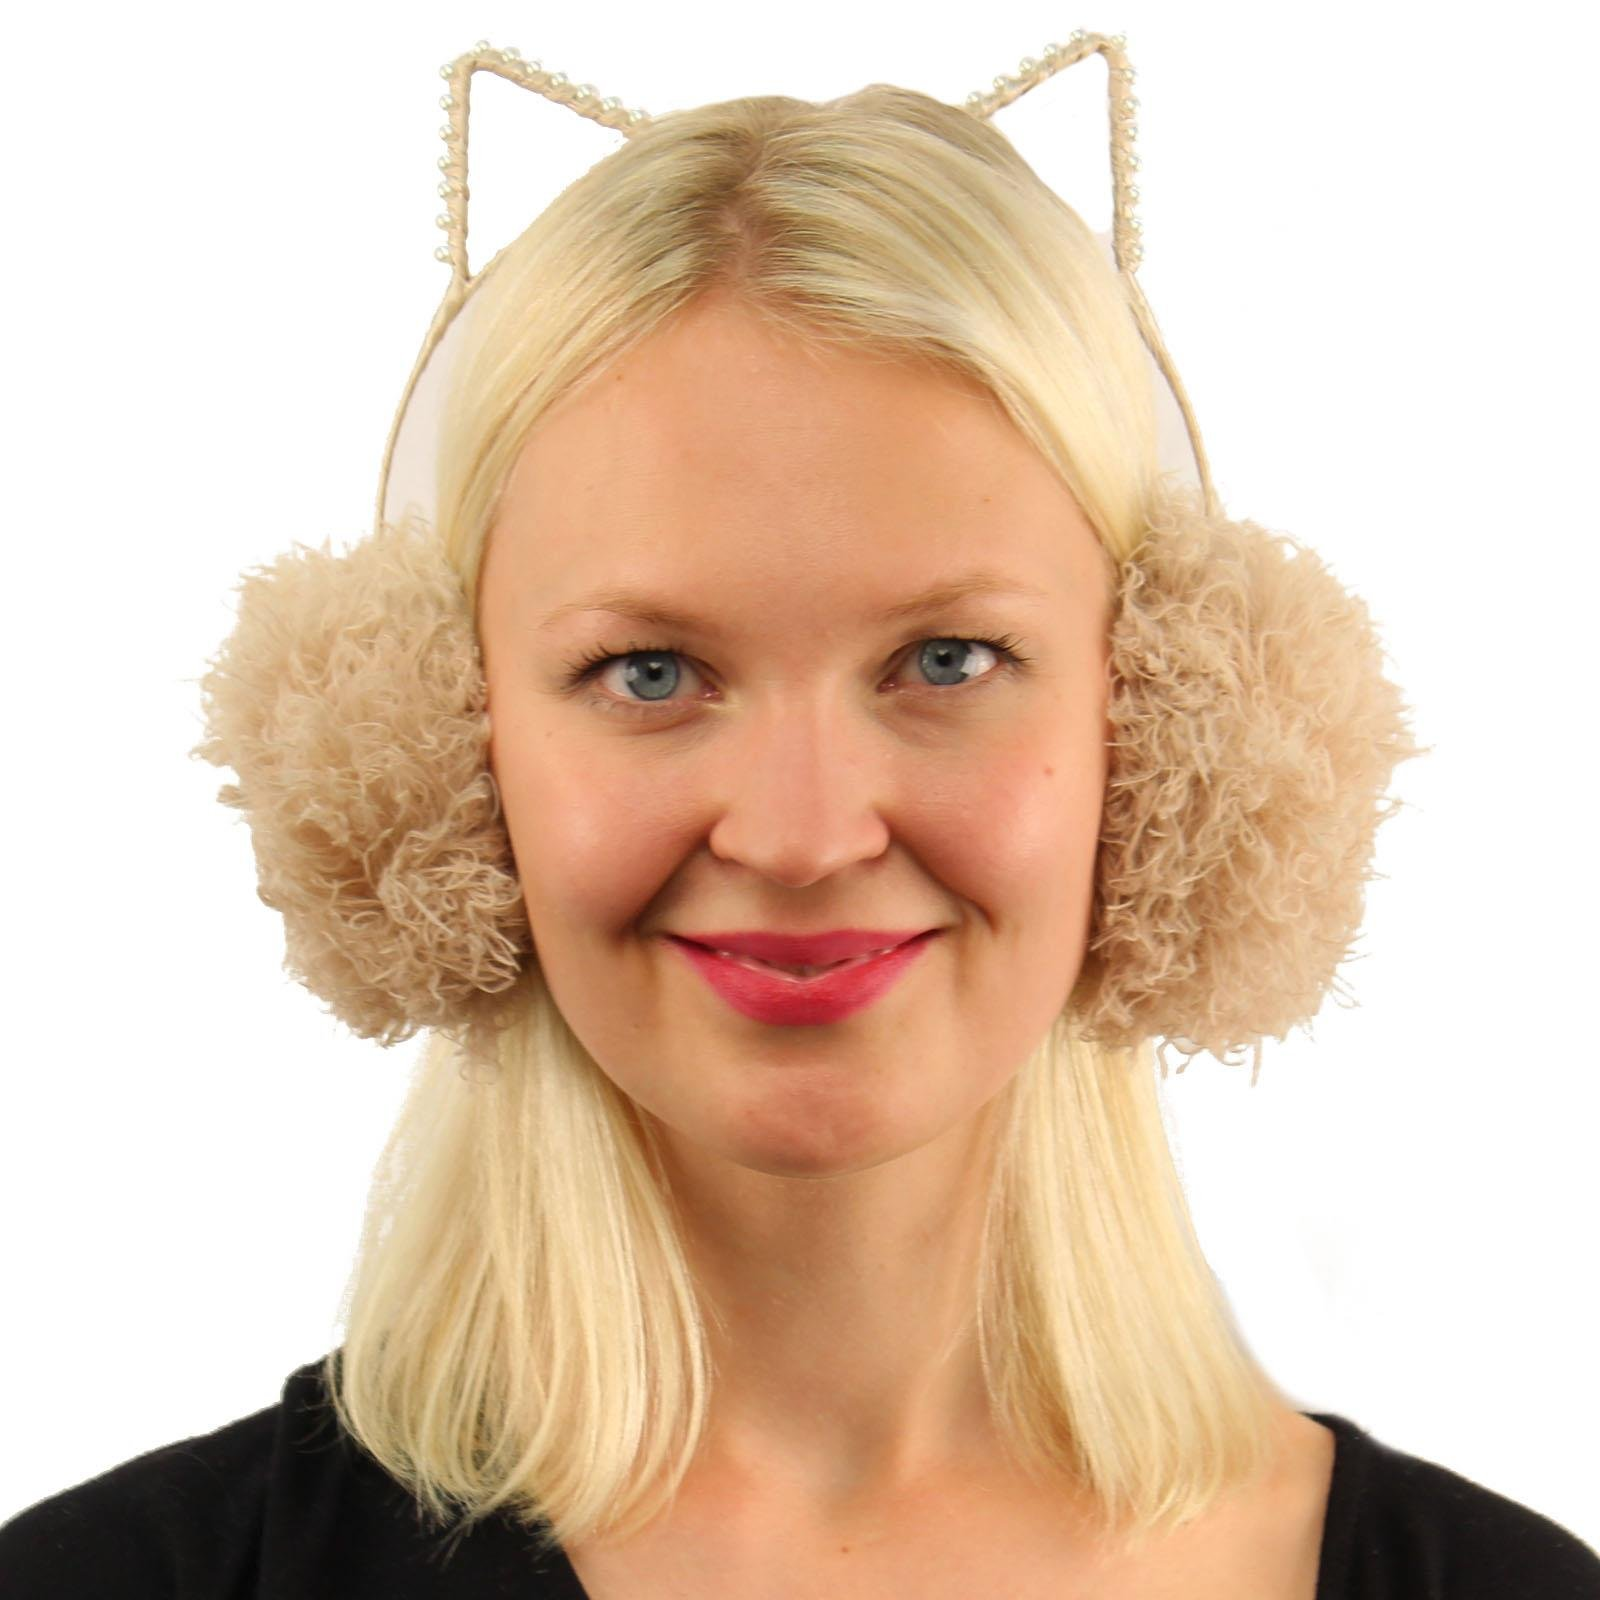 Winter Cute Kitty Cat Ears Soft Faux Fur Headband Earmuffs Earwarmer Ski Dusty Pink